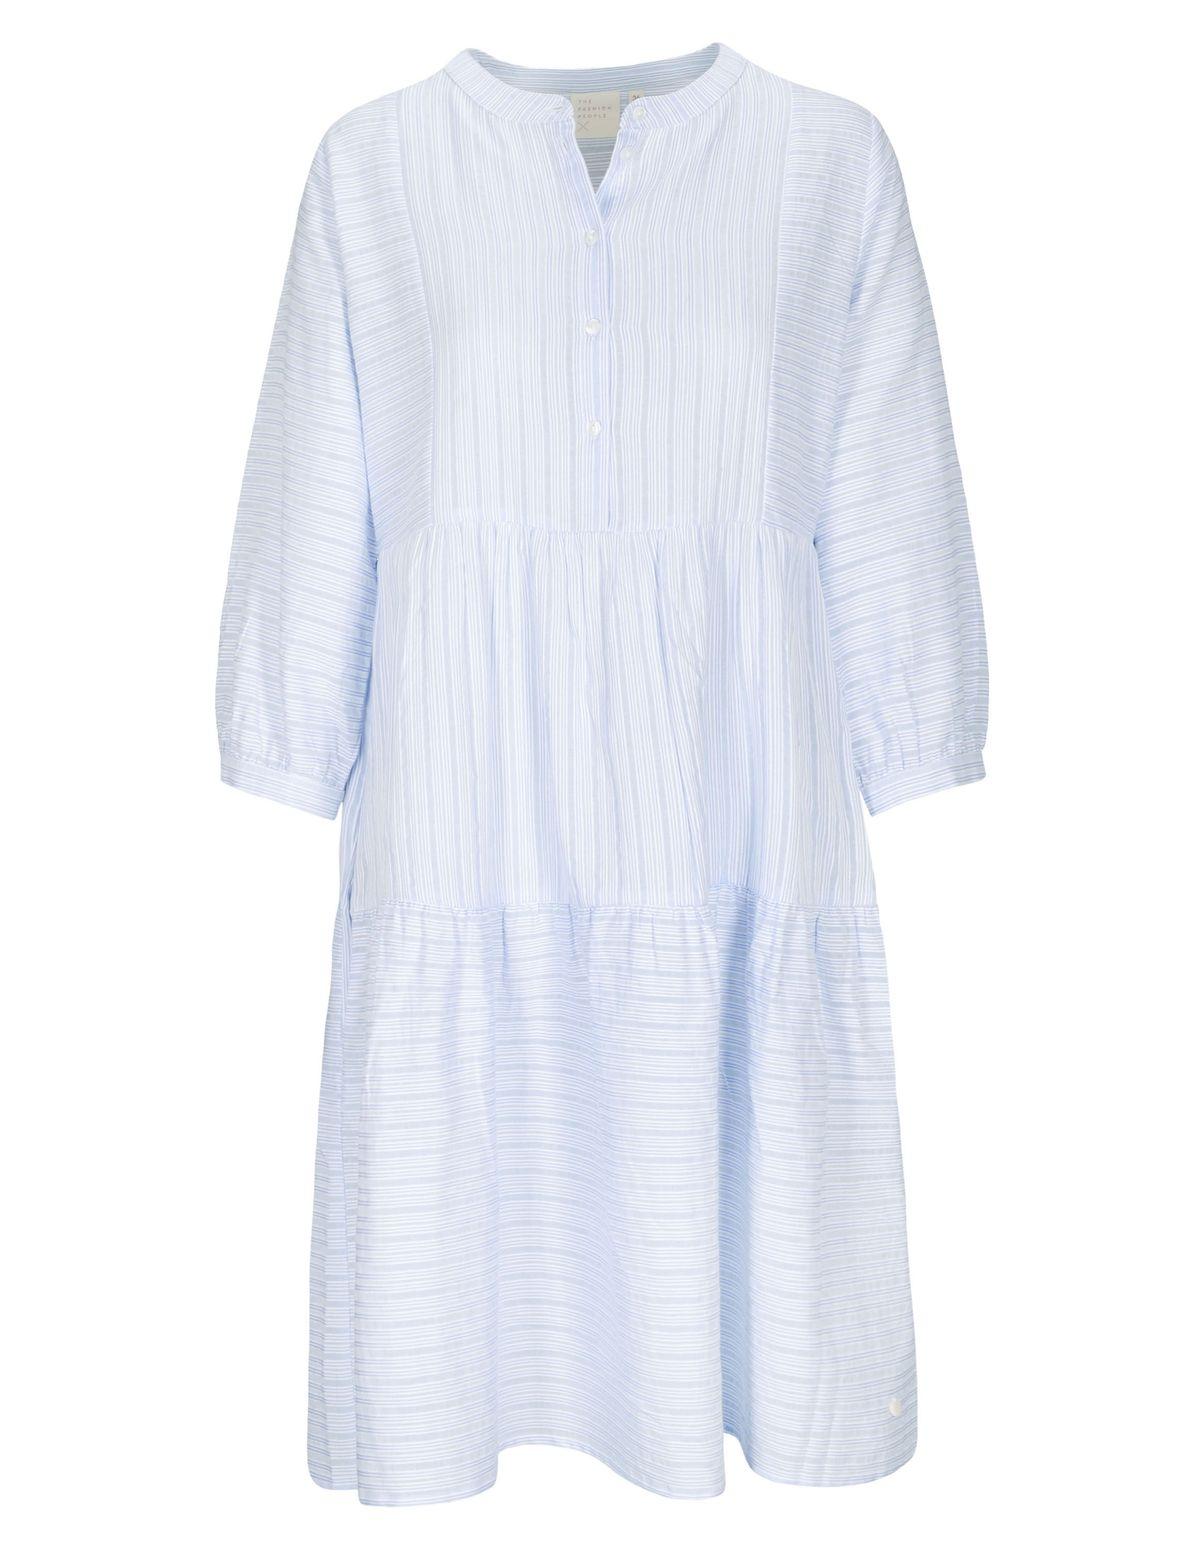 Kleid mit Streifen-Design - Blue Bright White